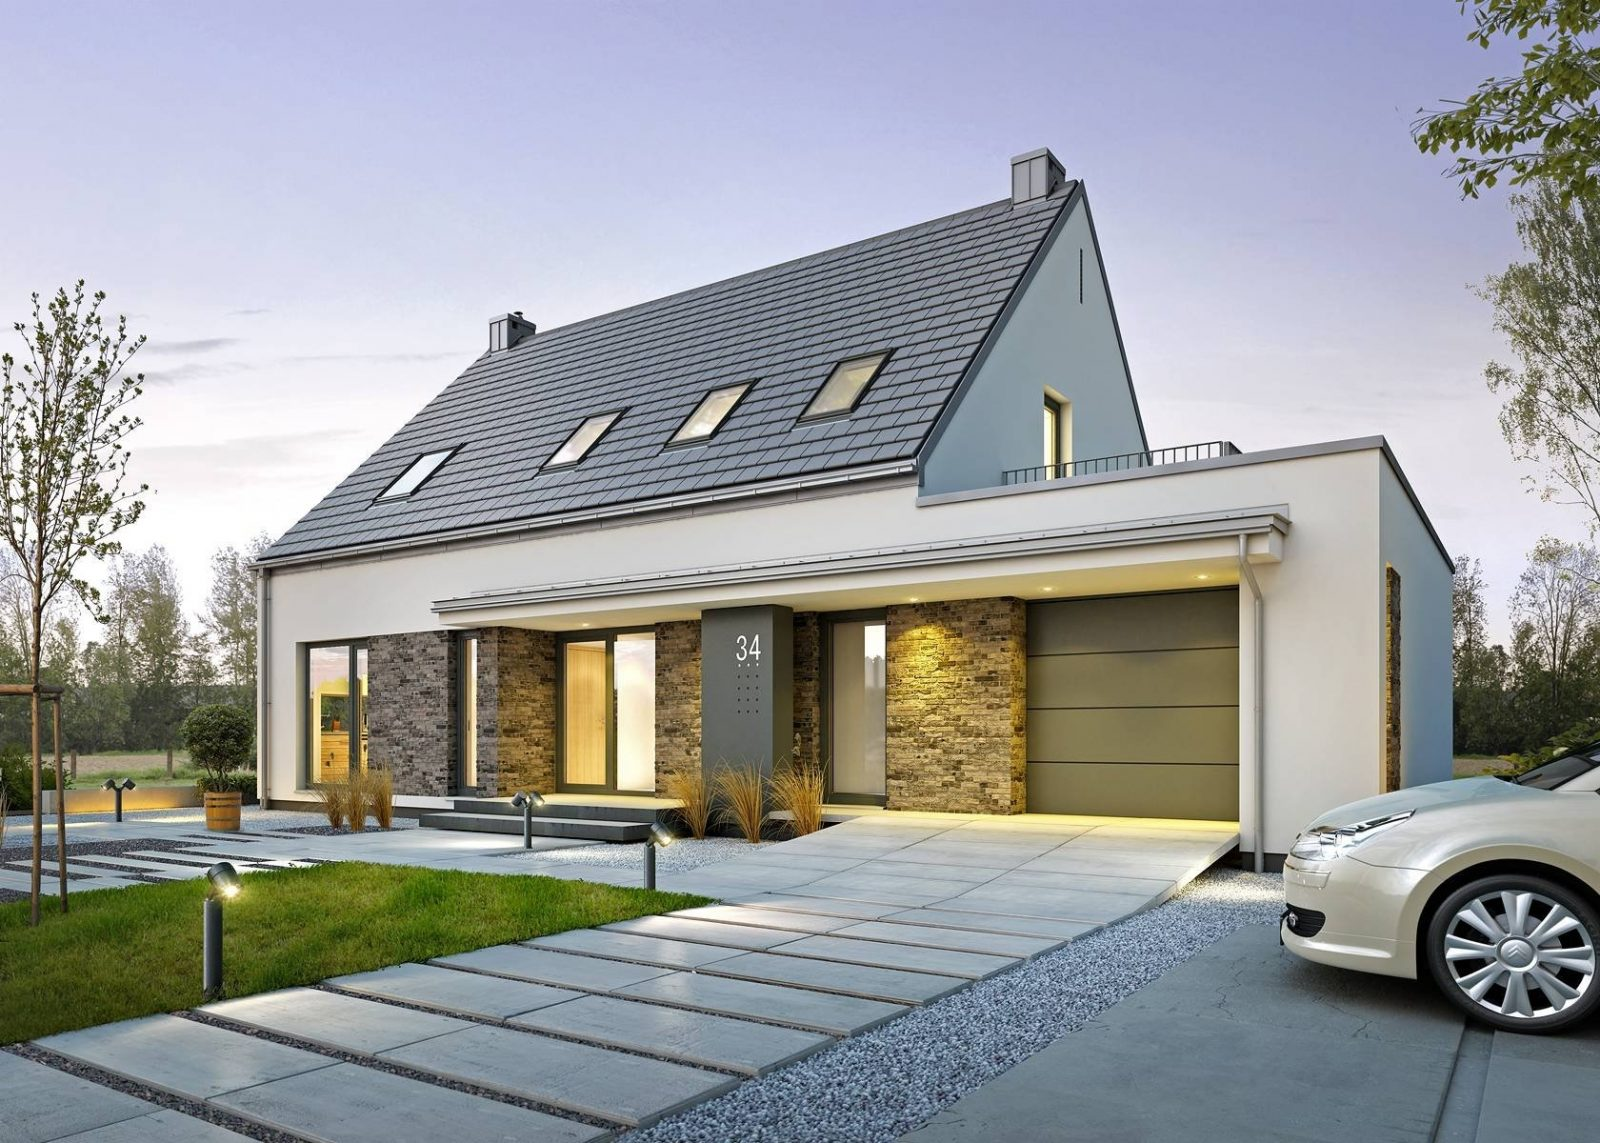 Проекты домов с гаражом: их особенности и варианты, этапы строительства и рекомендации по обустройству